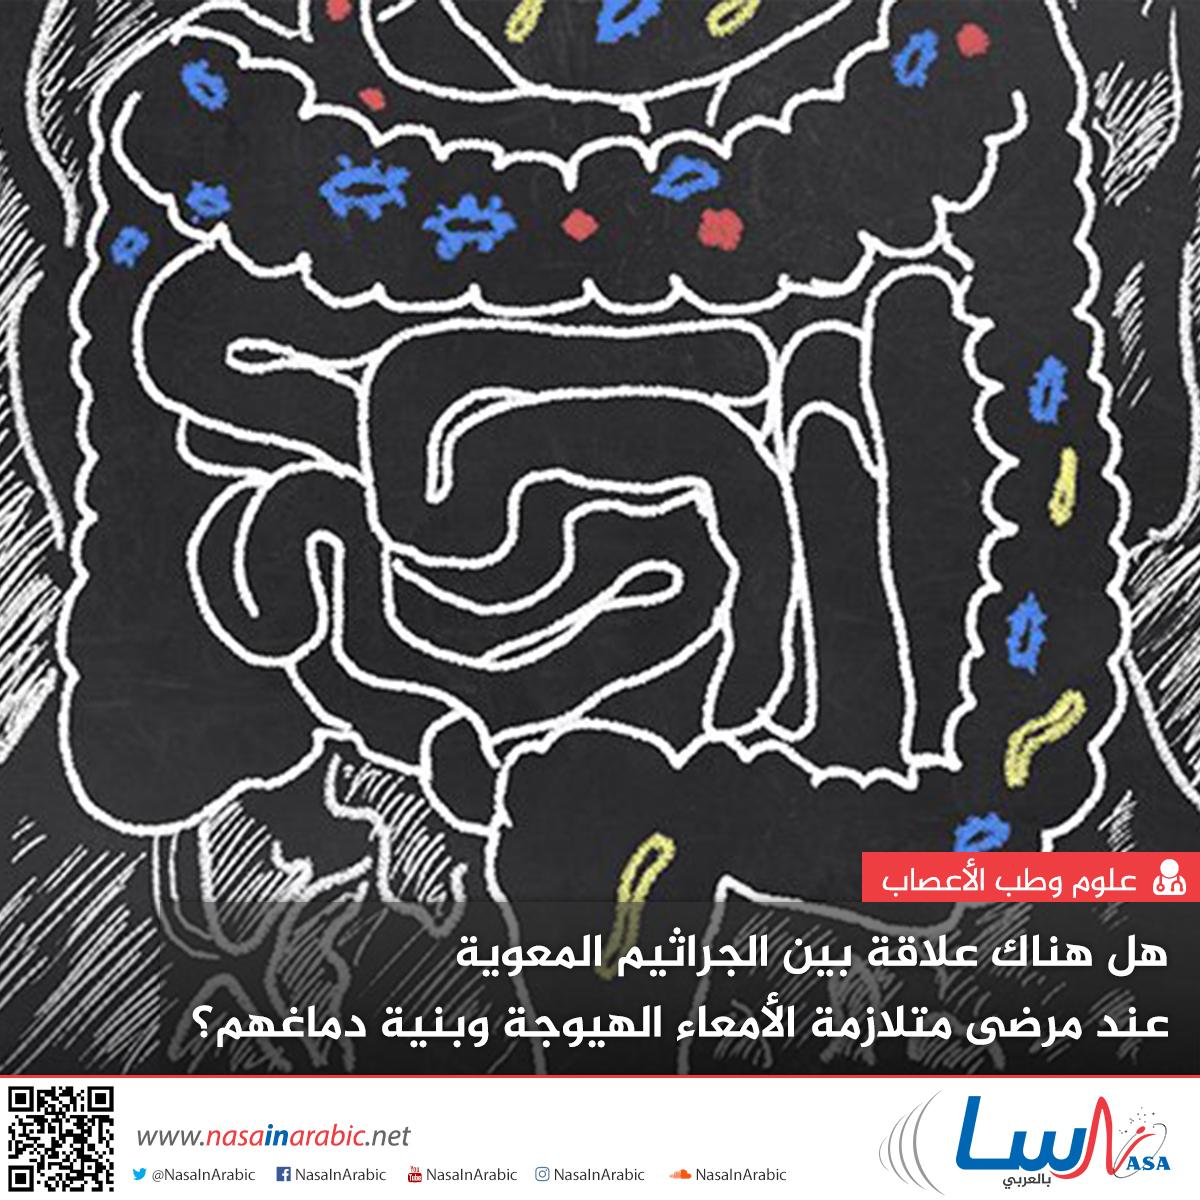 هل هناك علاقة بين الجراثيم المعوية عند مرضى متلازمة الأمعاء الهيوجة وبنية دماغهم؟